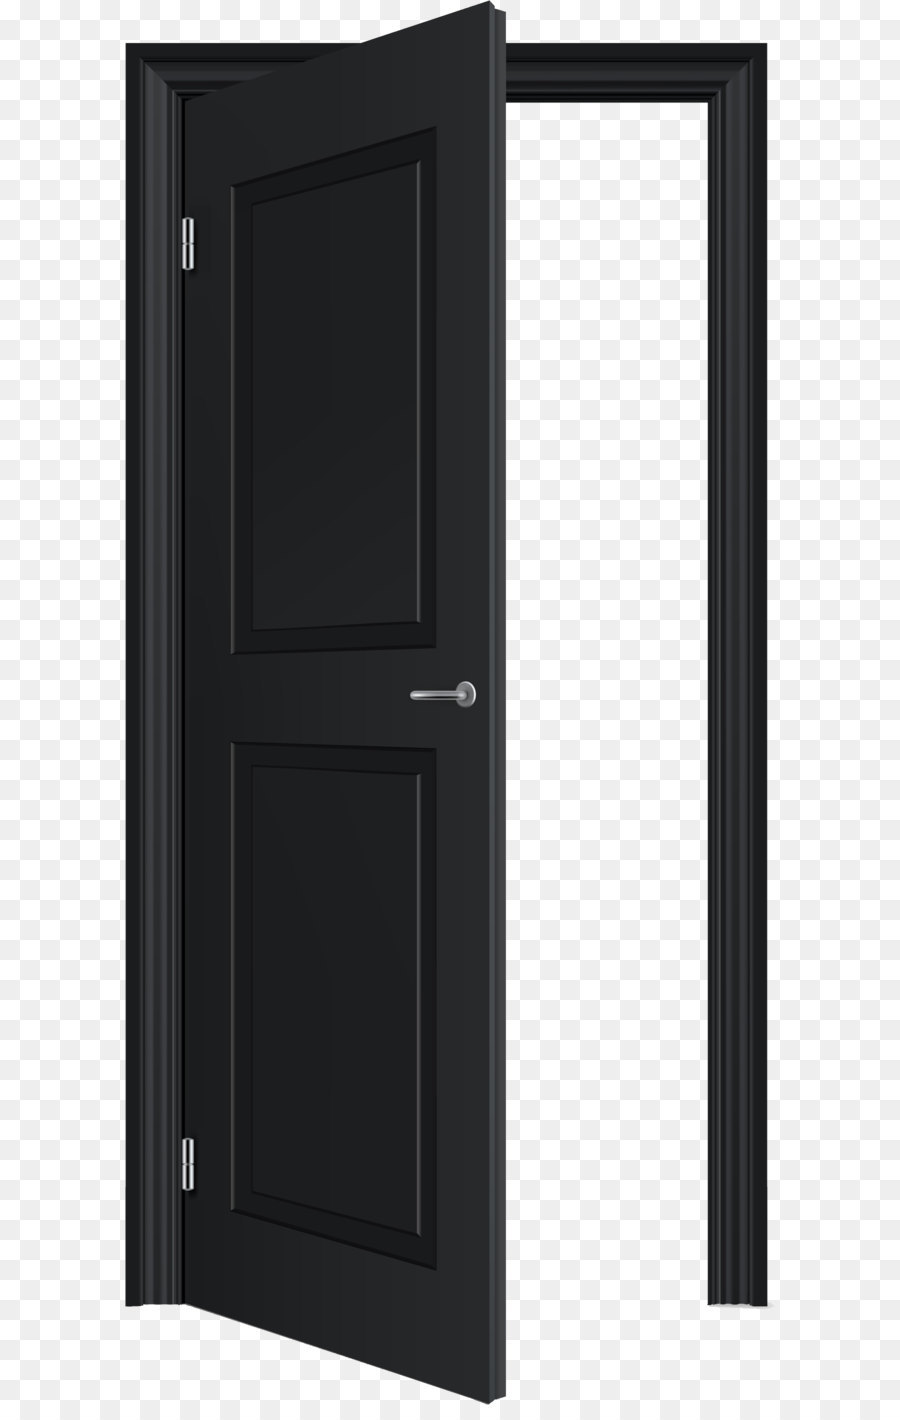 Door clipart slightly open door. Clip art png